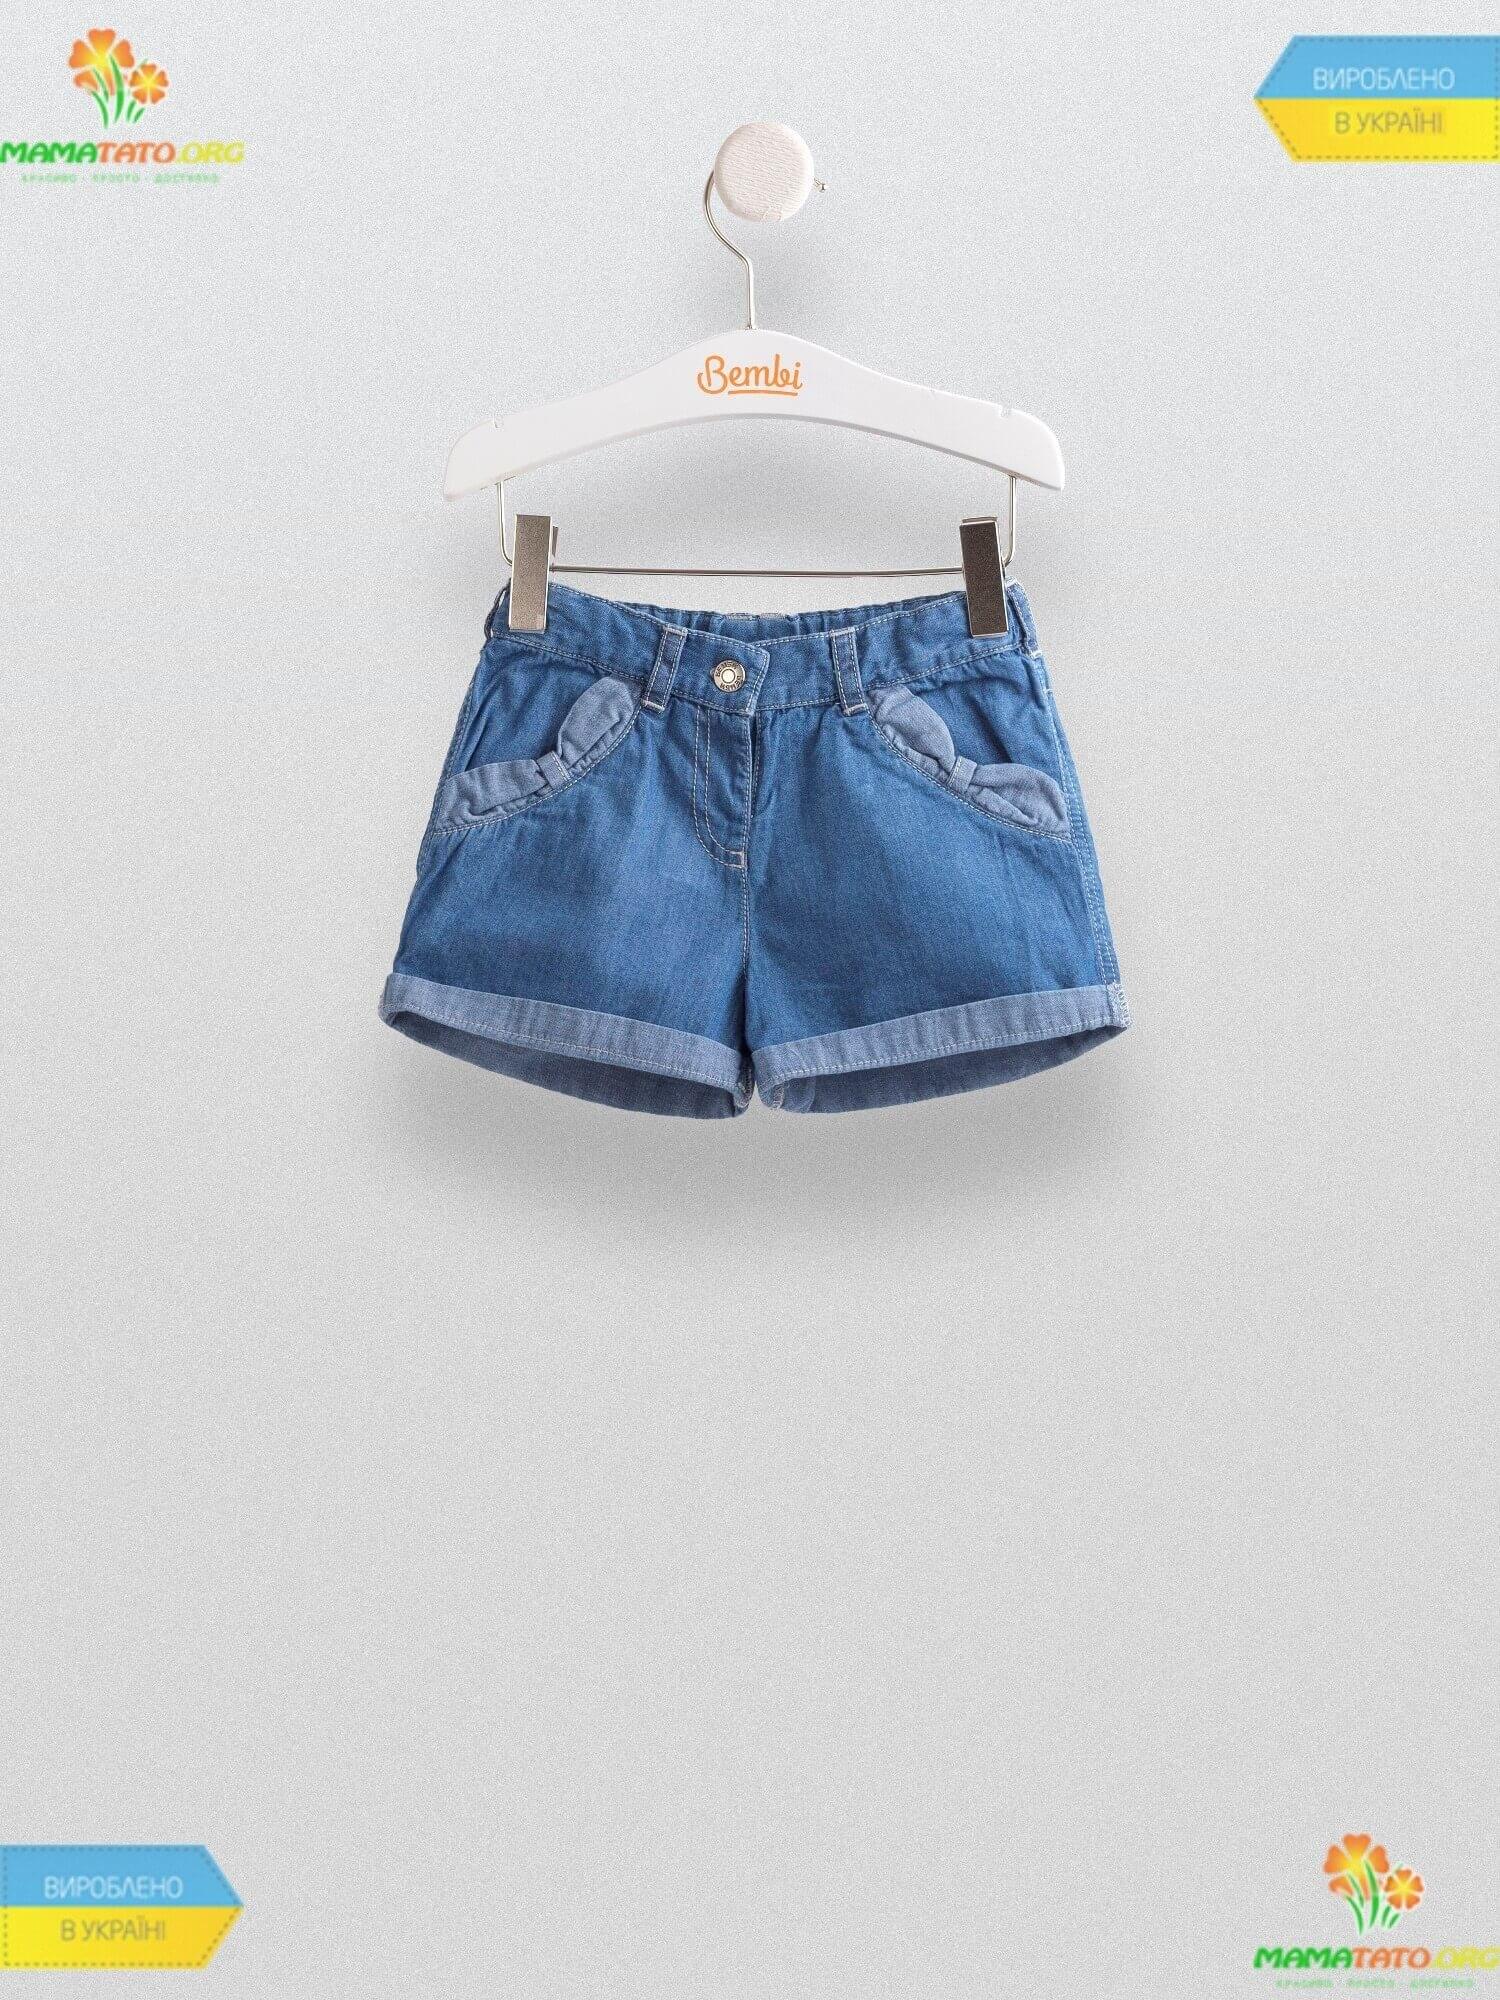 Сшить джинсовые шорты на заказ купить платок с бахромой